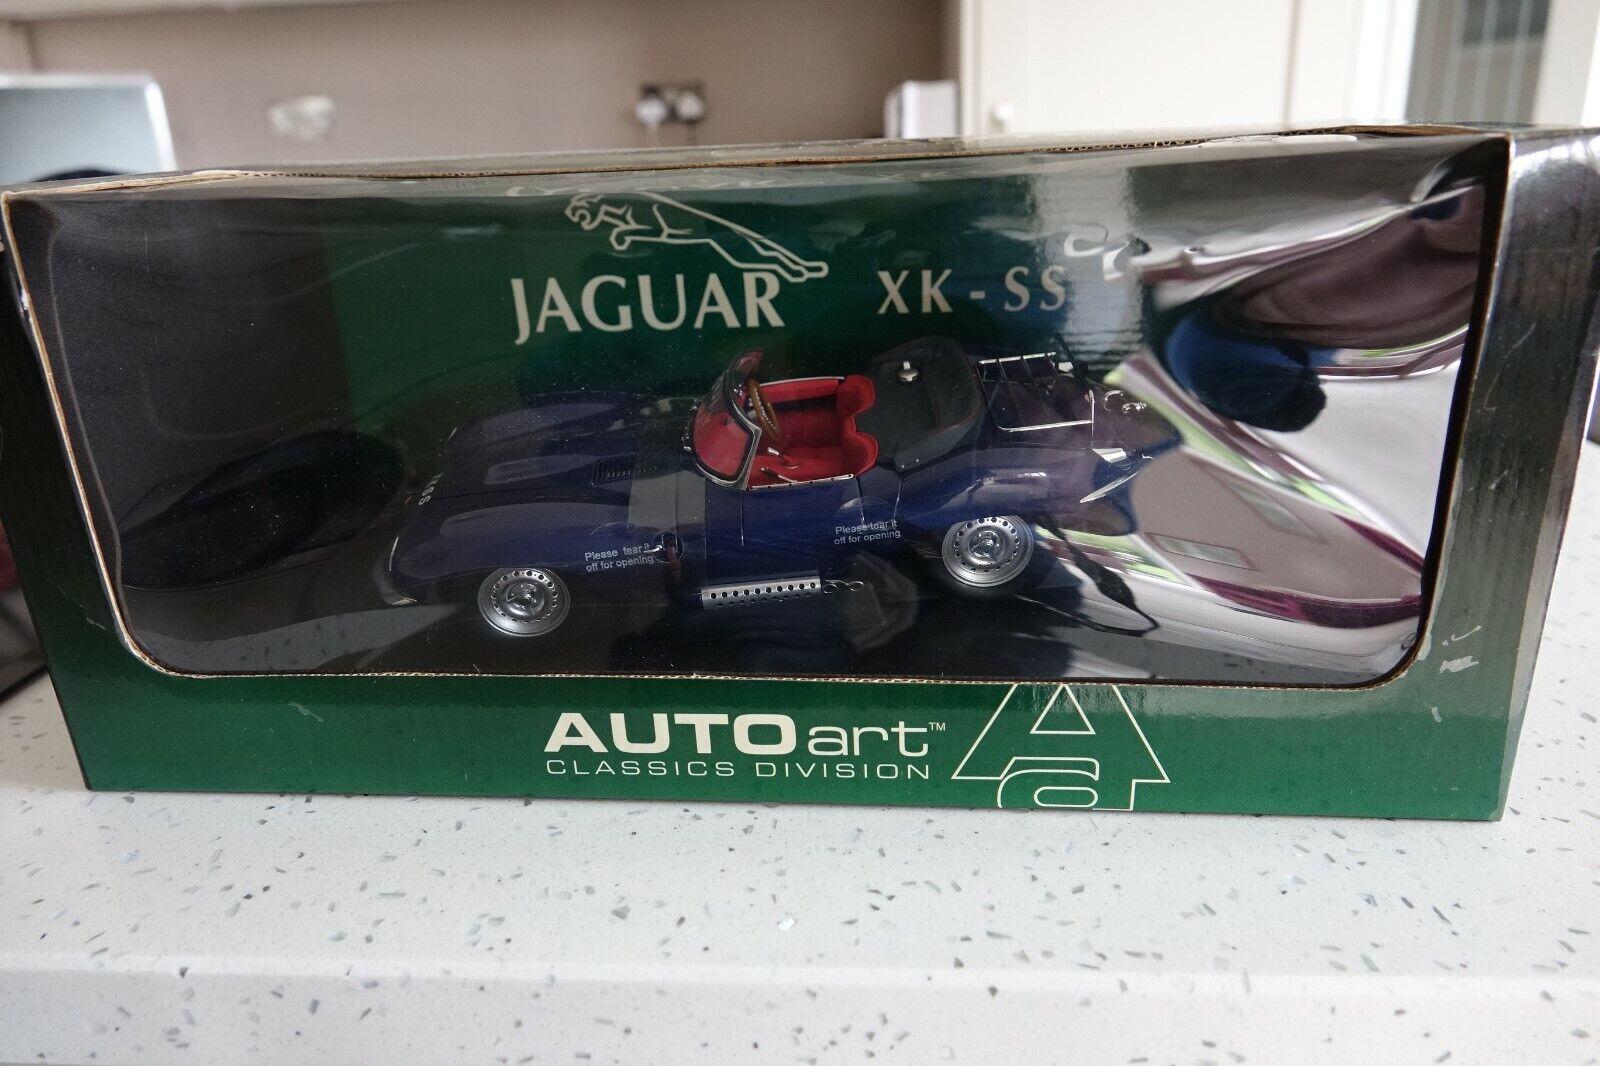 risparmia fino al 70% JAGUAR XK-SS XK-SS XK-SS 1 18 Autoart blu come nuovo in scatola Quasi Nuovo  Garanzia del prezzo al 100%